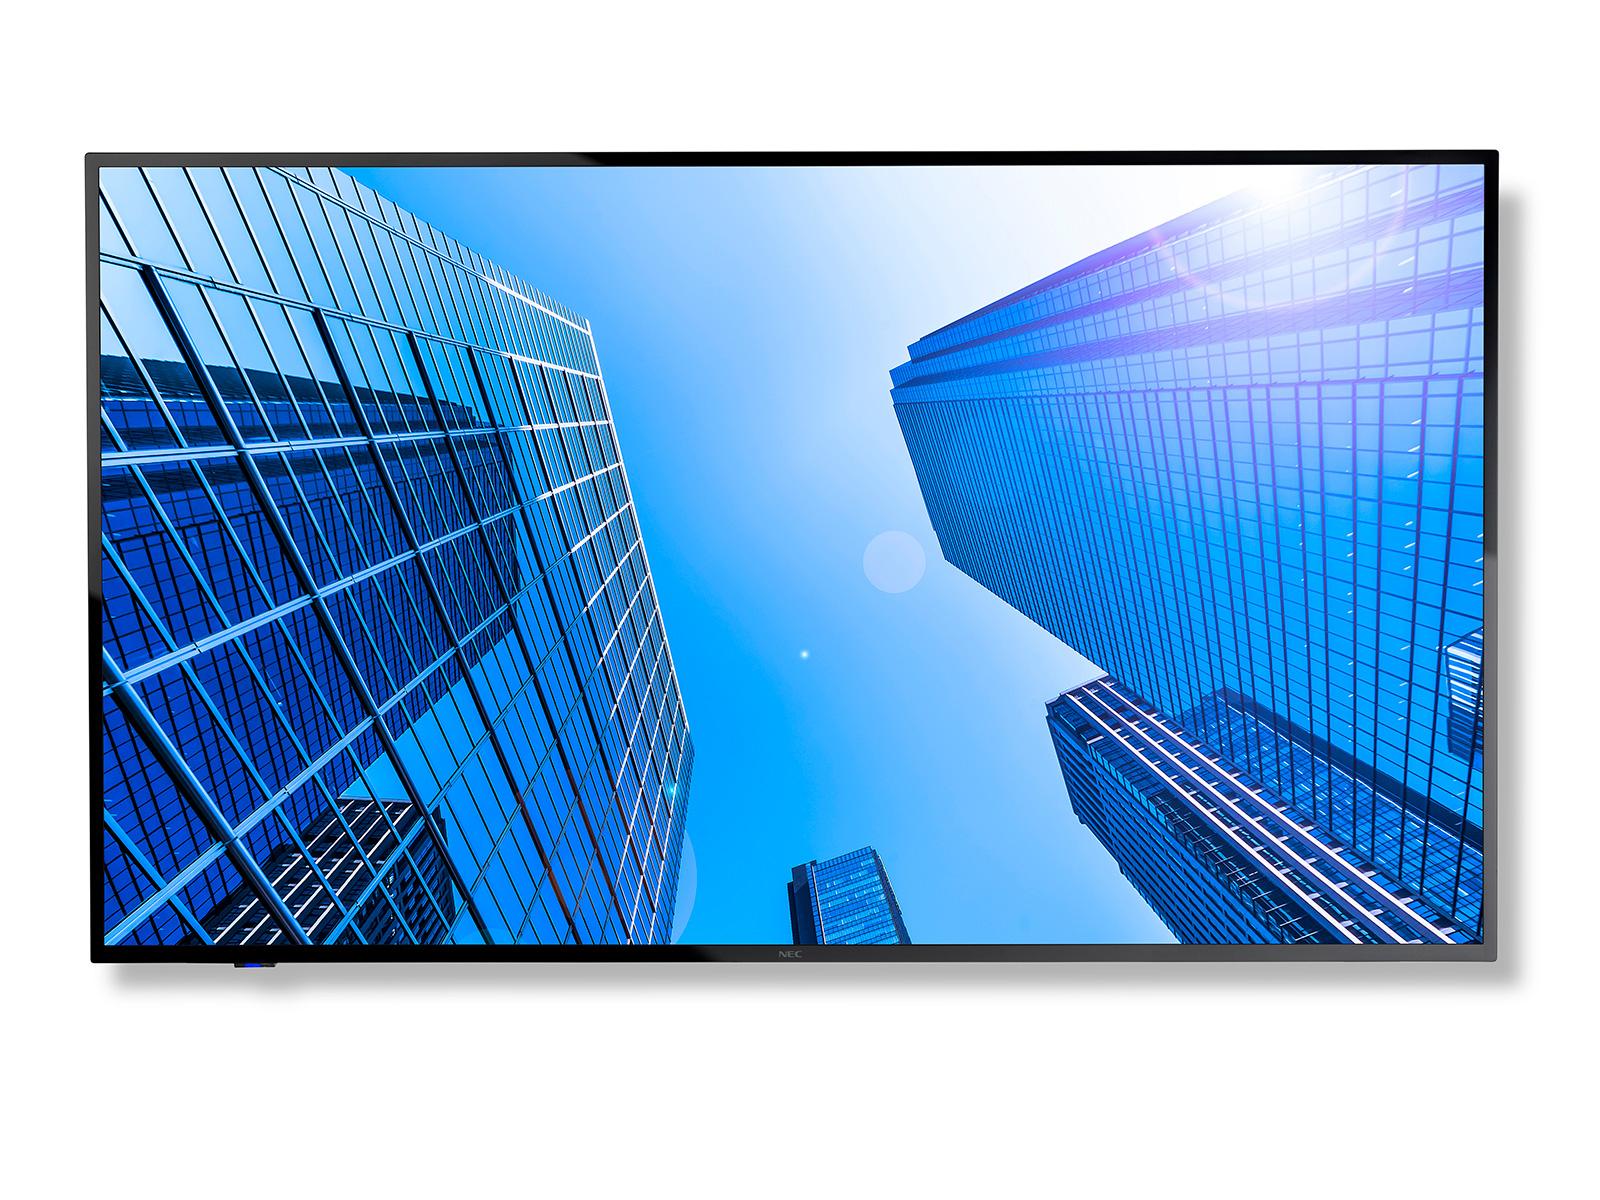 """MULTISYNC E507Q 125,7 CM (49.5"""") LED 4K ULTRA HD PANTALLA PLANA PARA SEñALIZACIóN DIGITAL NEGRO"""